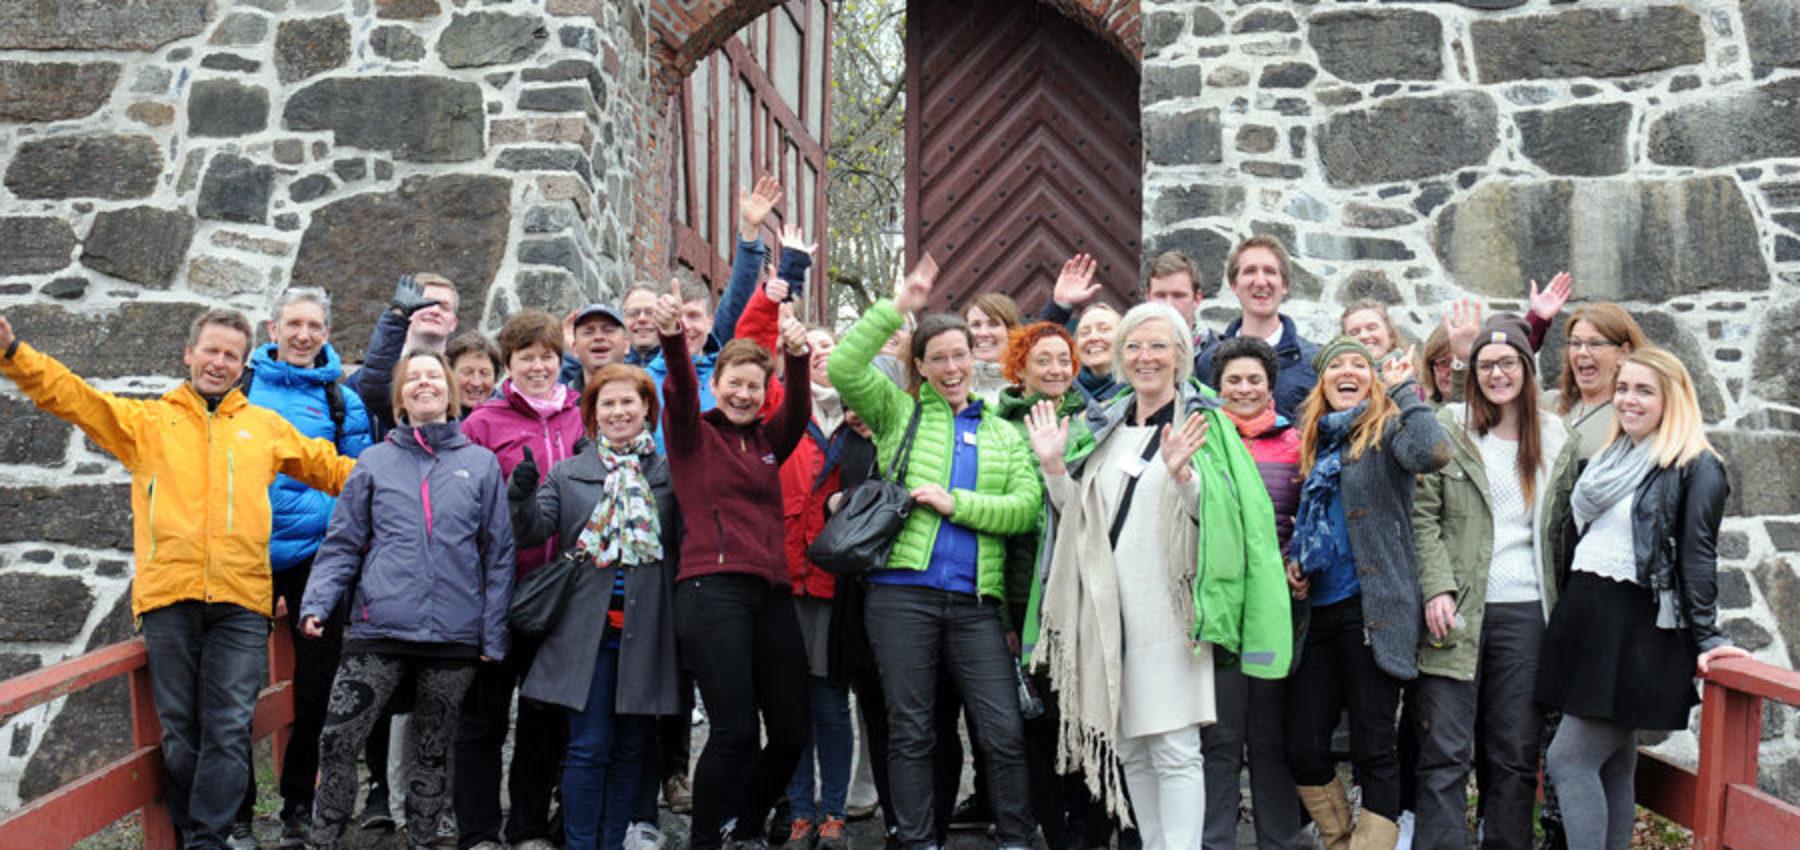 Nordisk møte i Oslo